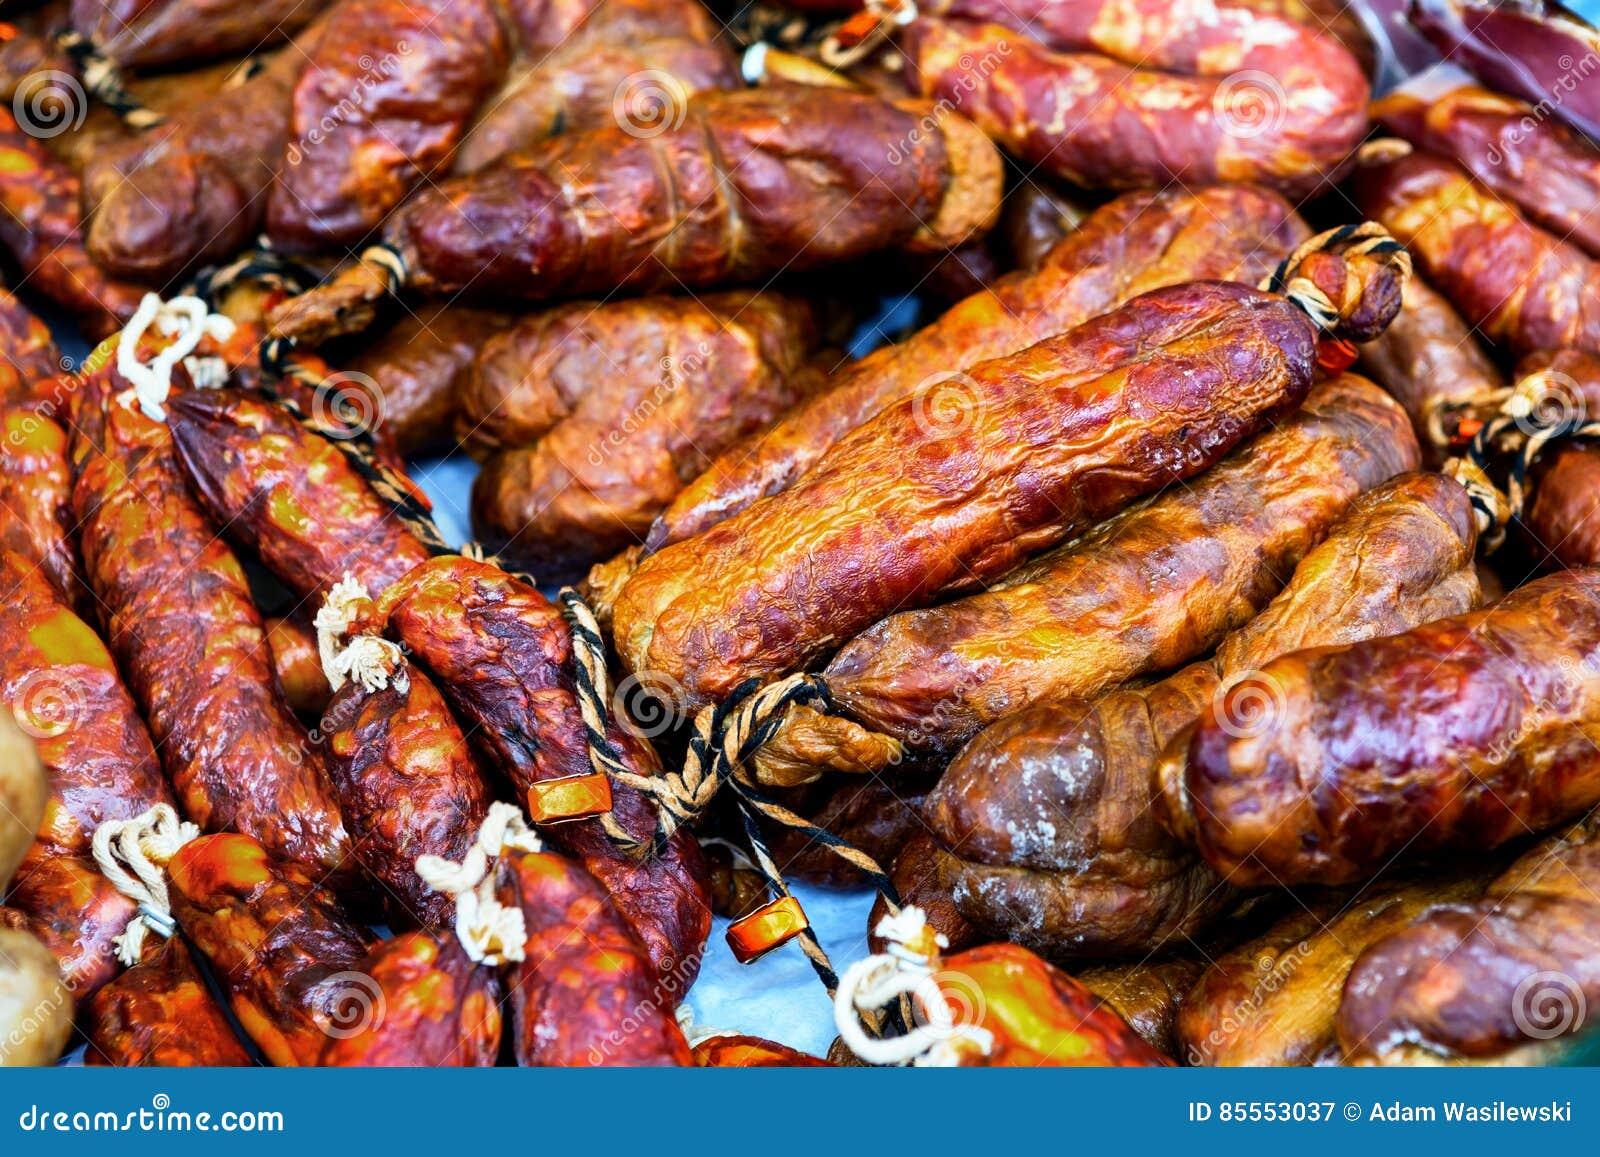 Viel Art des geräucherten Fleisches